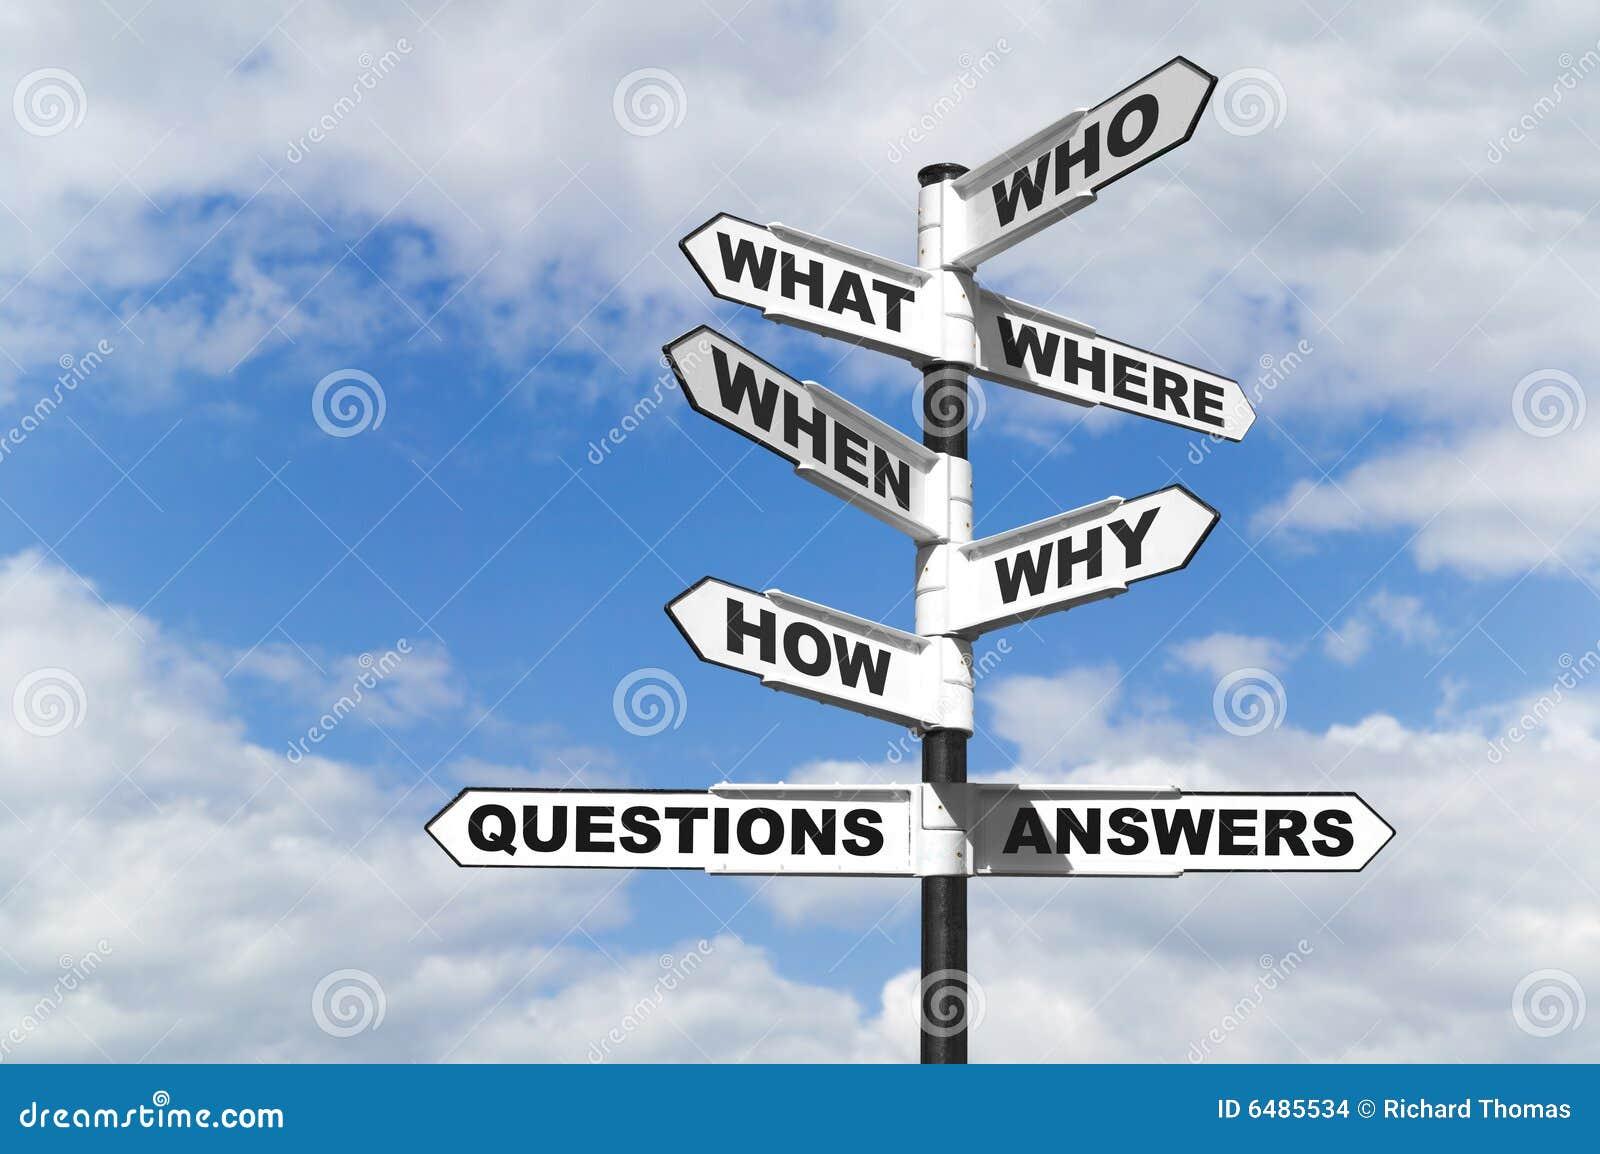 отвечает указателю вопросов